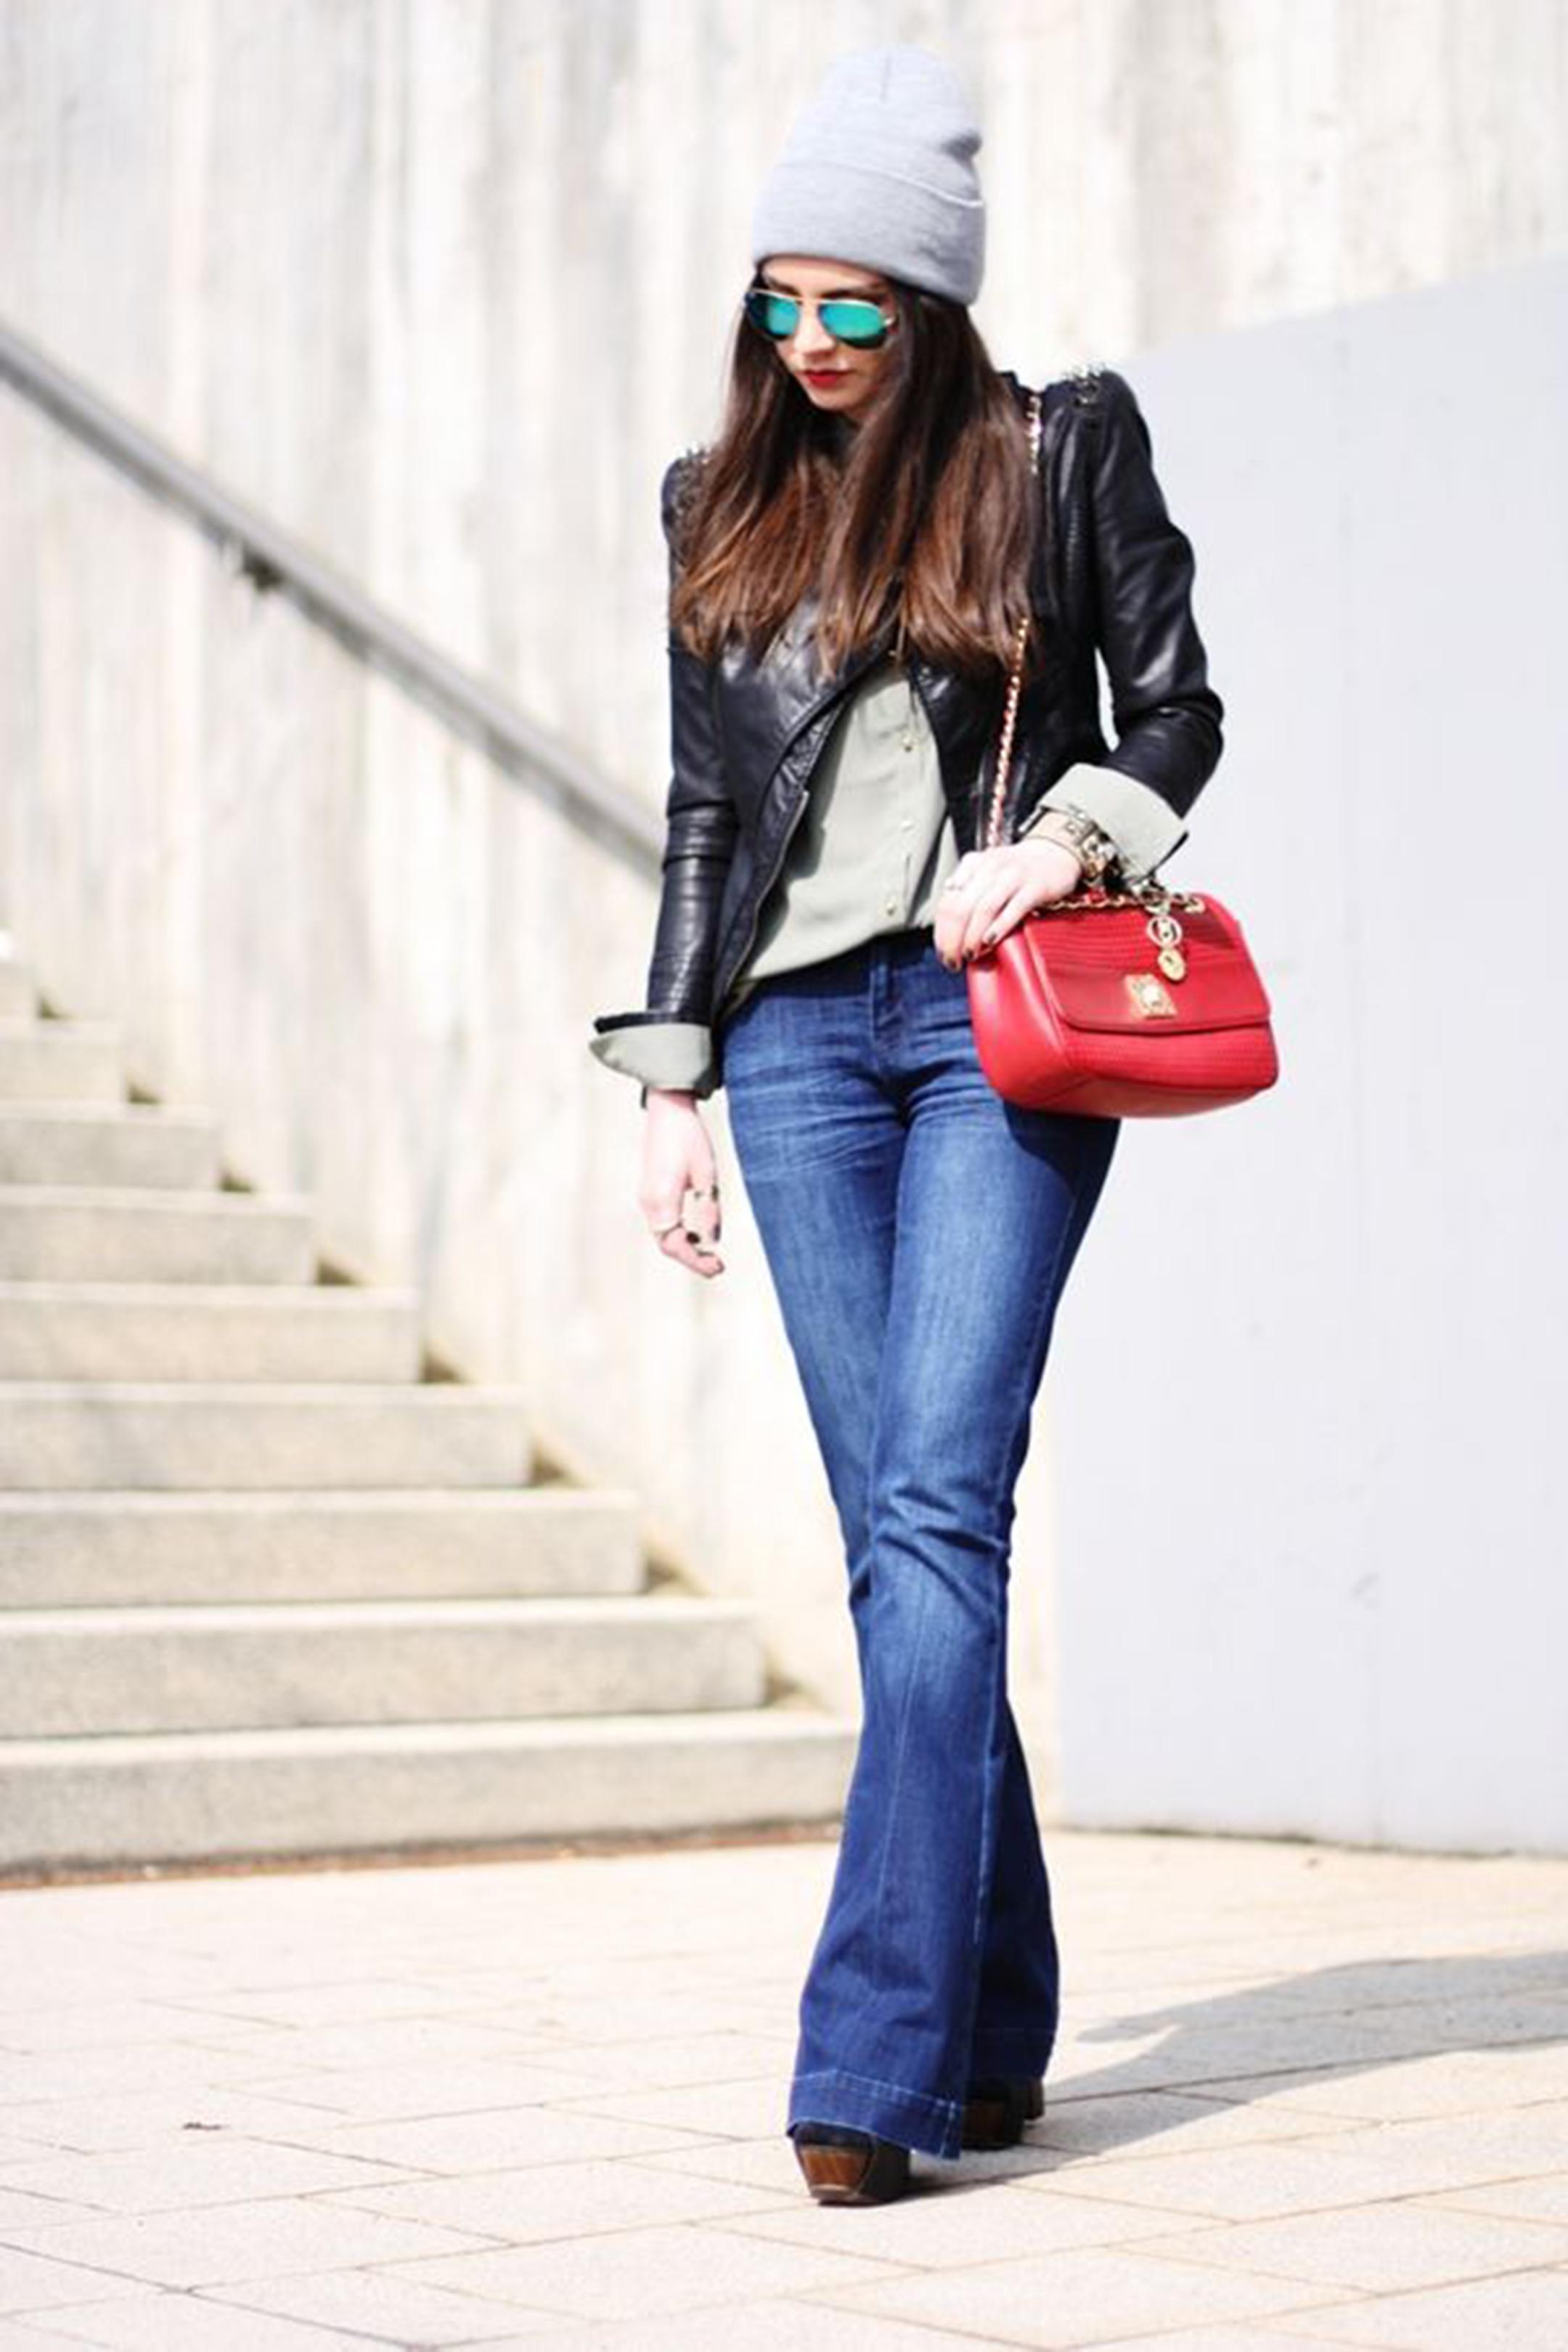 styleshouts-alessia-canella-pantaloni-zampa-waist-level-jacket